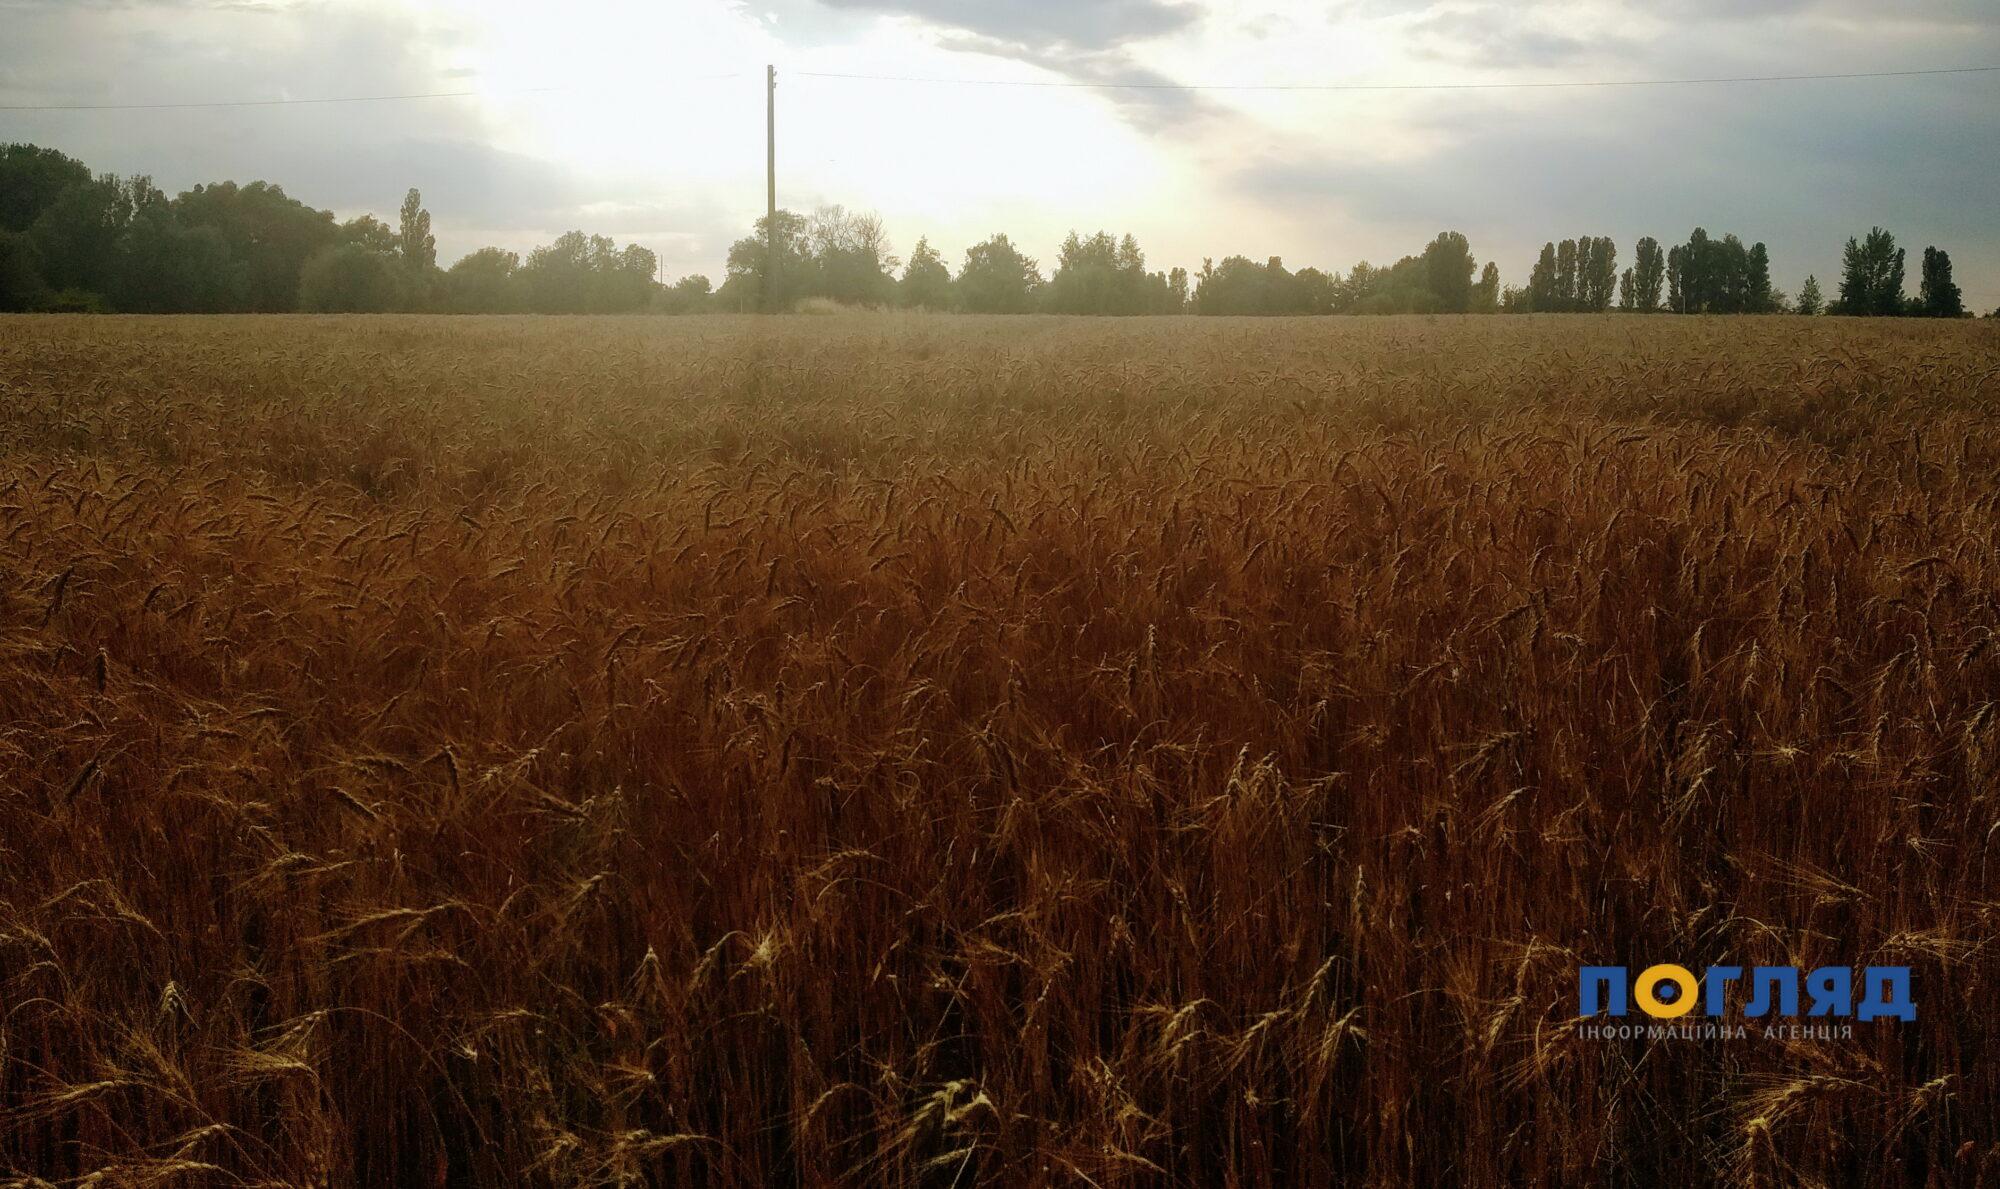 10 га земель на Фастівщині роздали незаконно -  - IMG 20200717 185333 2000x1189